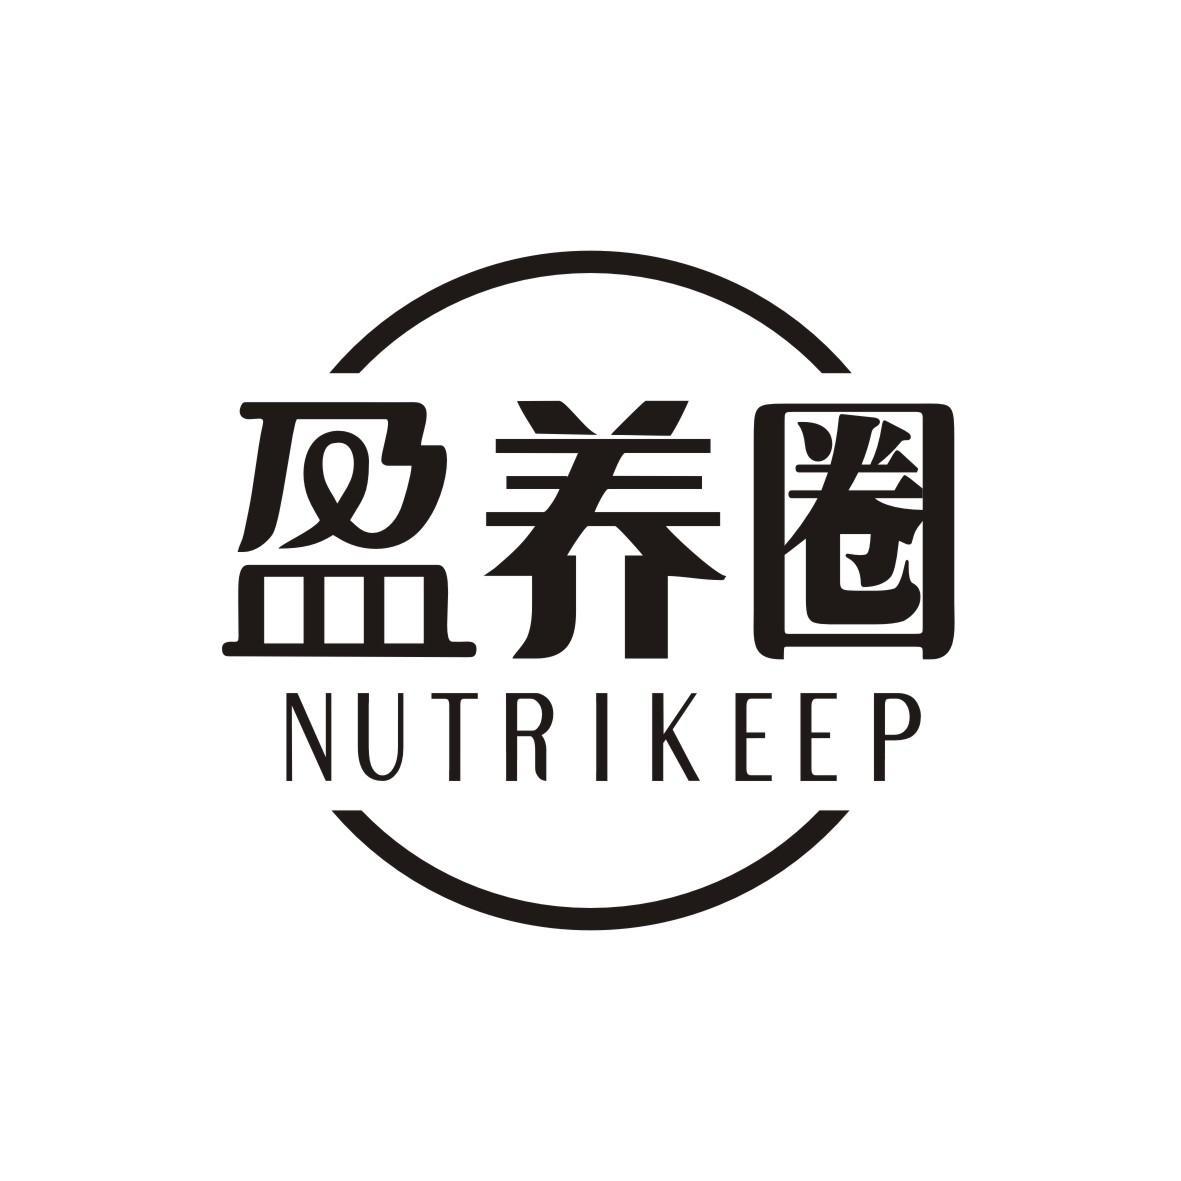 盈养圈 NUTRIKEEP